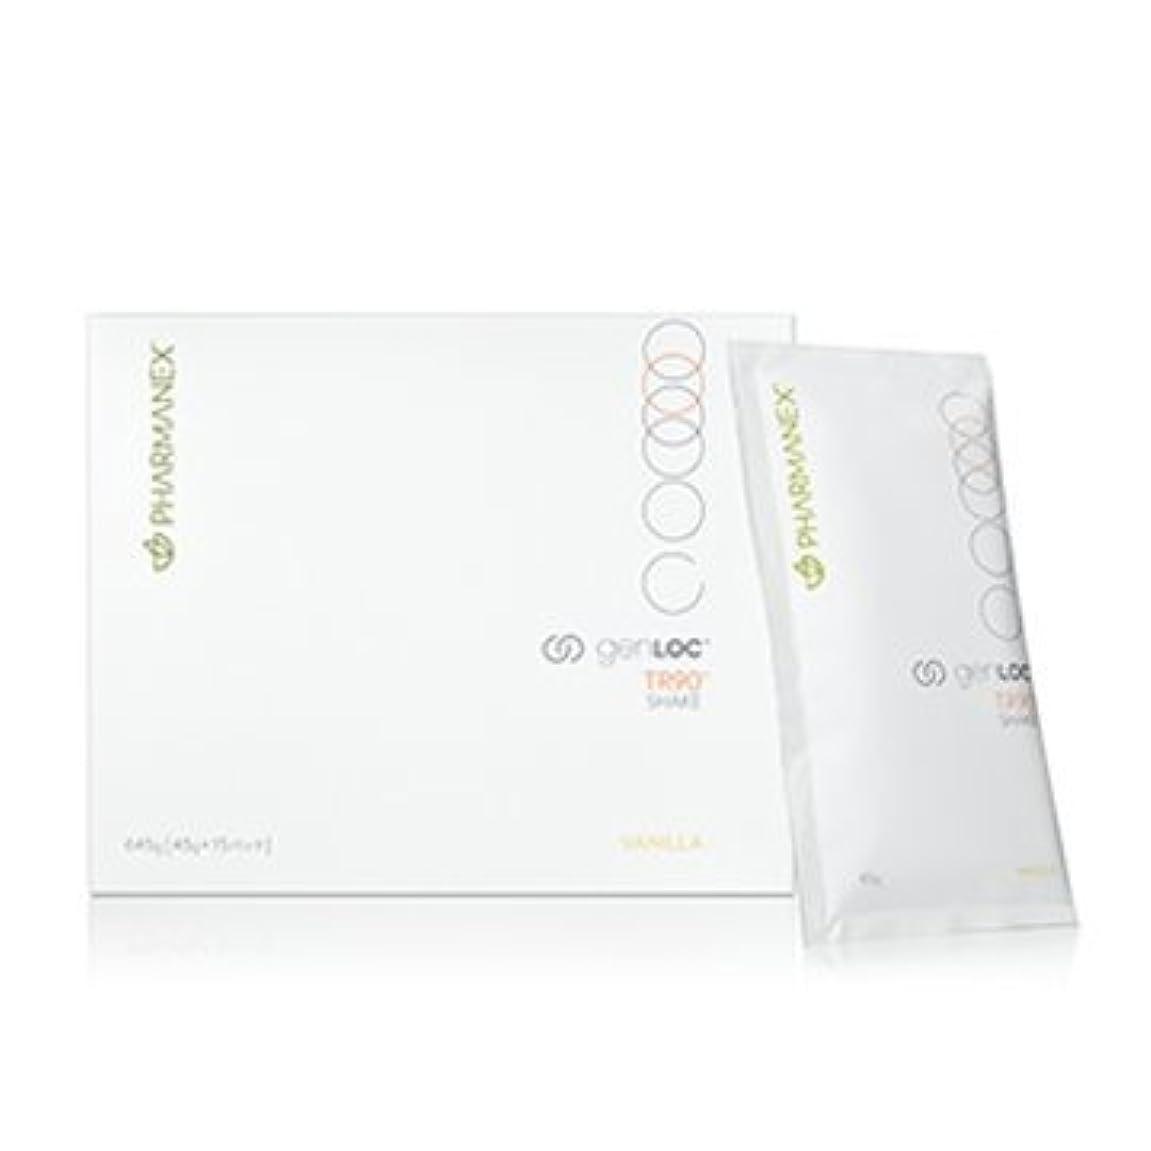 乳白色アシュリータファーマン針ニュースキン genLOC TR90 シェイク (バニラ)15パック入り 03003577